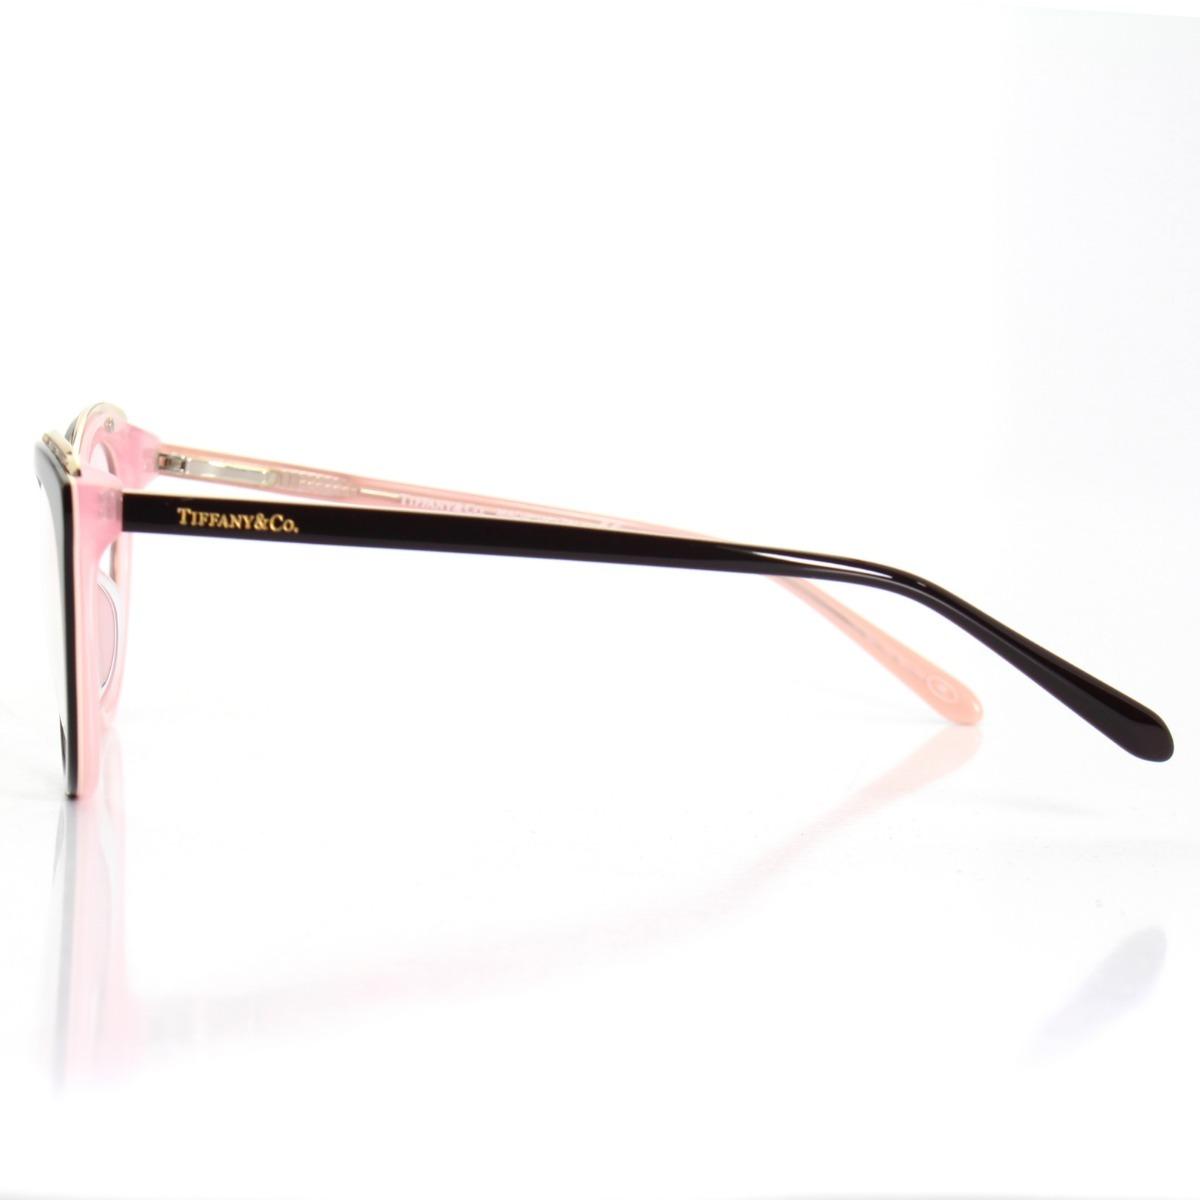 af30652b122de Carregando zoom... armação de grau - tiffany   co. gatinho - tf2147 oculos